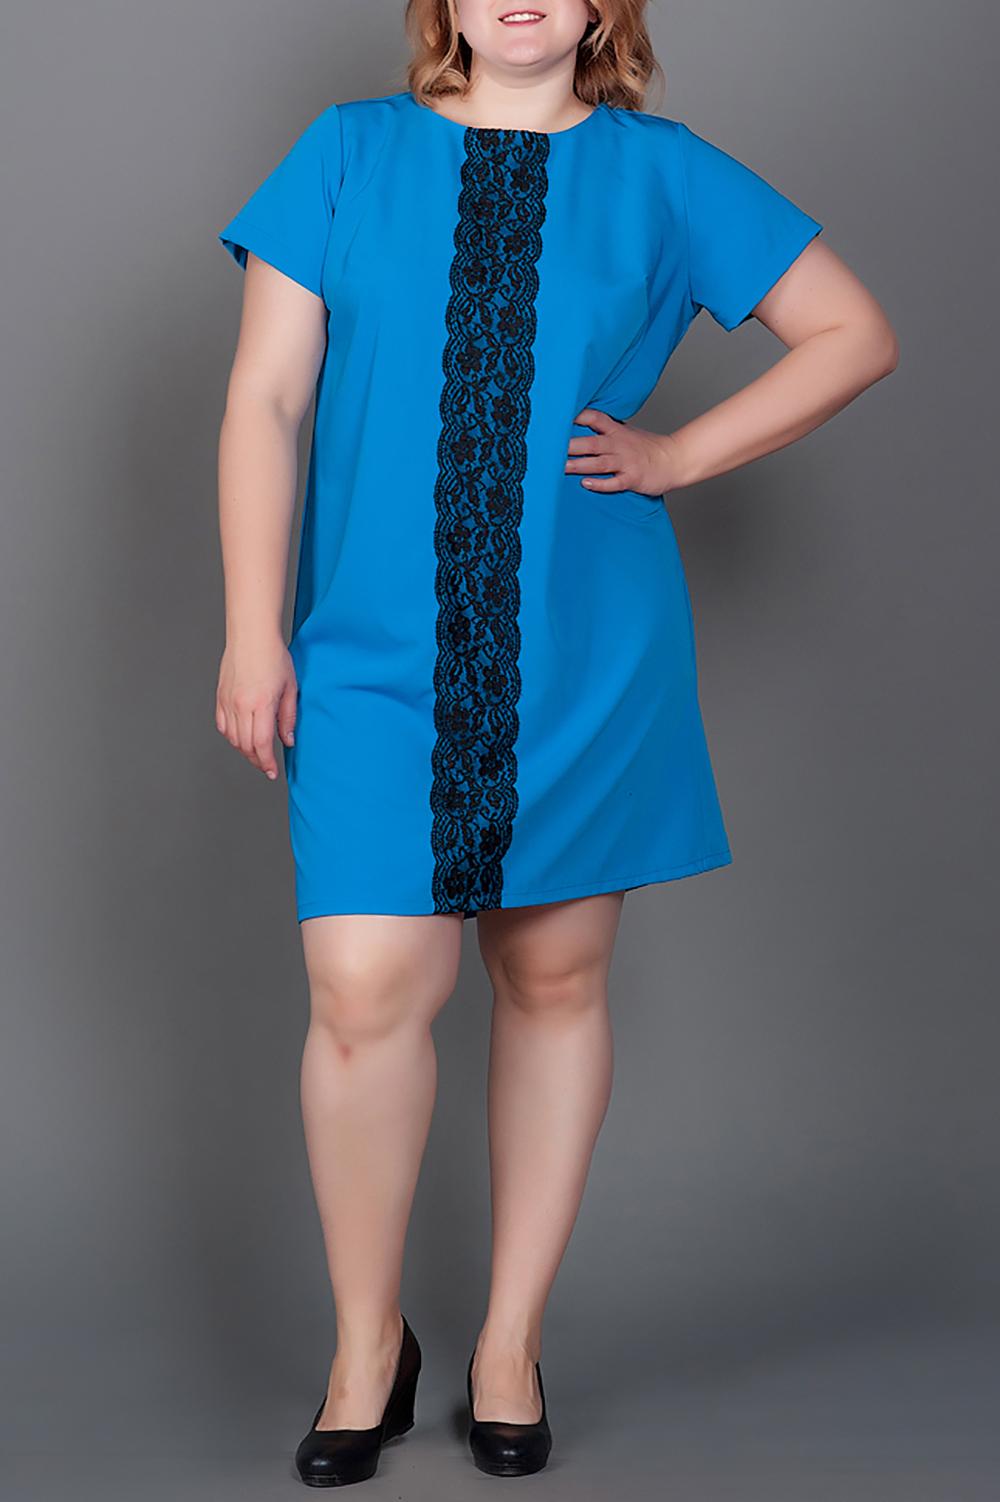 ПлатьеПлатья<br>Нарядное платье с вертикальной гипюровой вставкой, которая визуально вытягивает силуэт. Модель выполнена из приятного материала. Отличный выбор для любого случая.  В изделии использованы цвета: голубой, черный  Ростовка изделия 170 см<br><br>Горловина: С- горловина<br>По длине: До колена<br>По материалу: Гипюр,Костюмные ткани,Тканевые<br>По рисунку: Однотонные<br>По сезону: Весна,Зима,Лето,Осень,Всесезон<br>По силуэту: Прямые<br>По стилю: Нарядный стиль,Повседневный стиль<br>По элементам: С декором<br>Рукав: Короткий рукав<br>Размер : 52,54,56,58,60<br>Материал: Костюмно-плательная ткань<br>Количество в наличии: 10